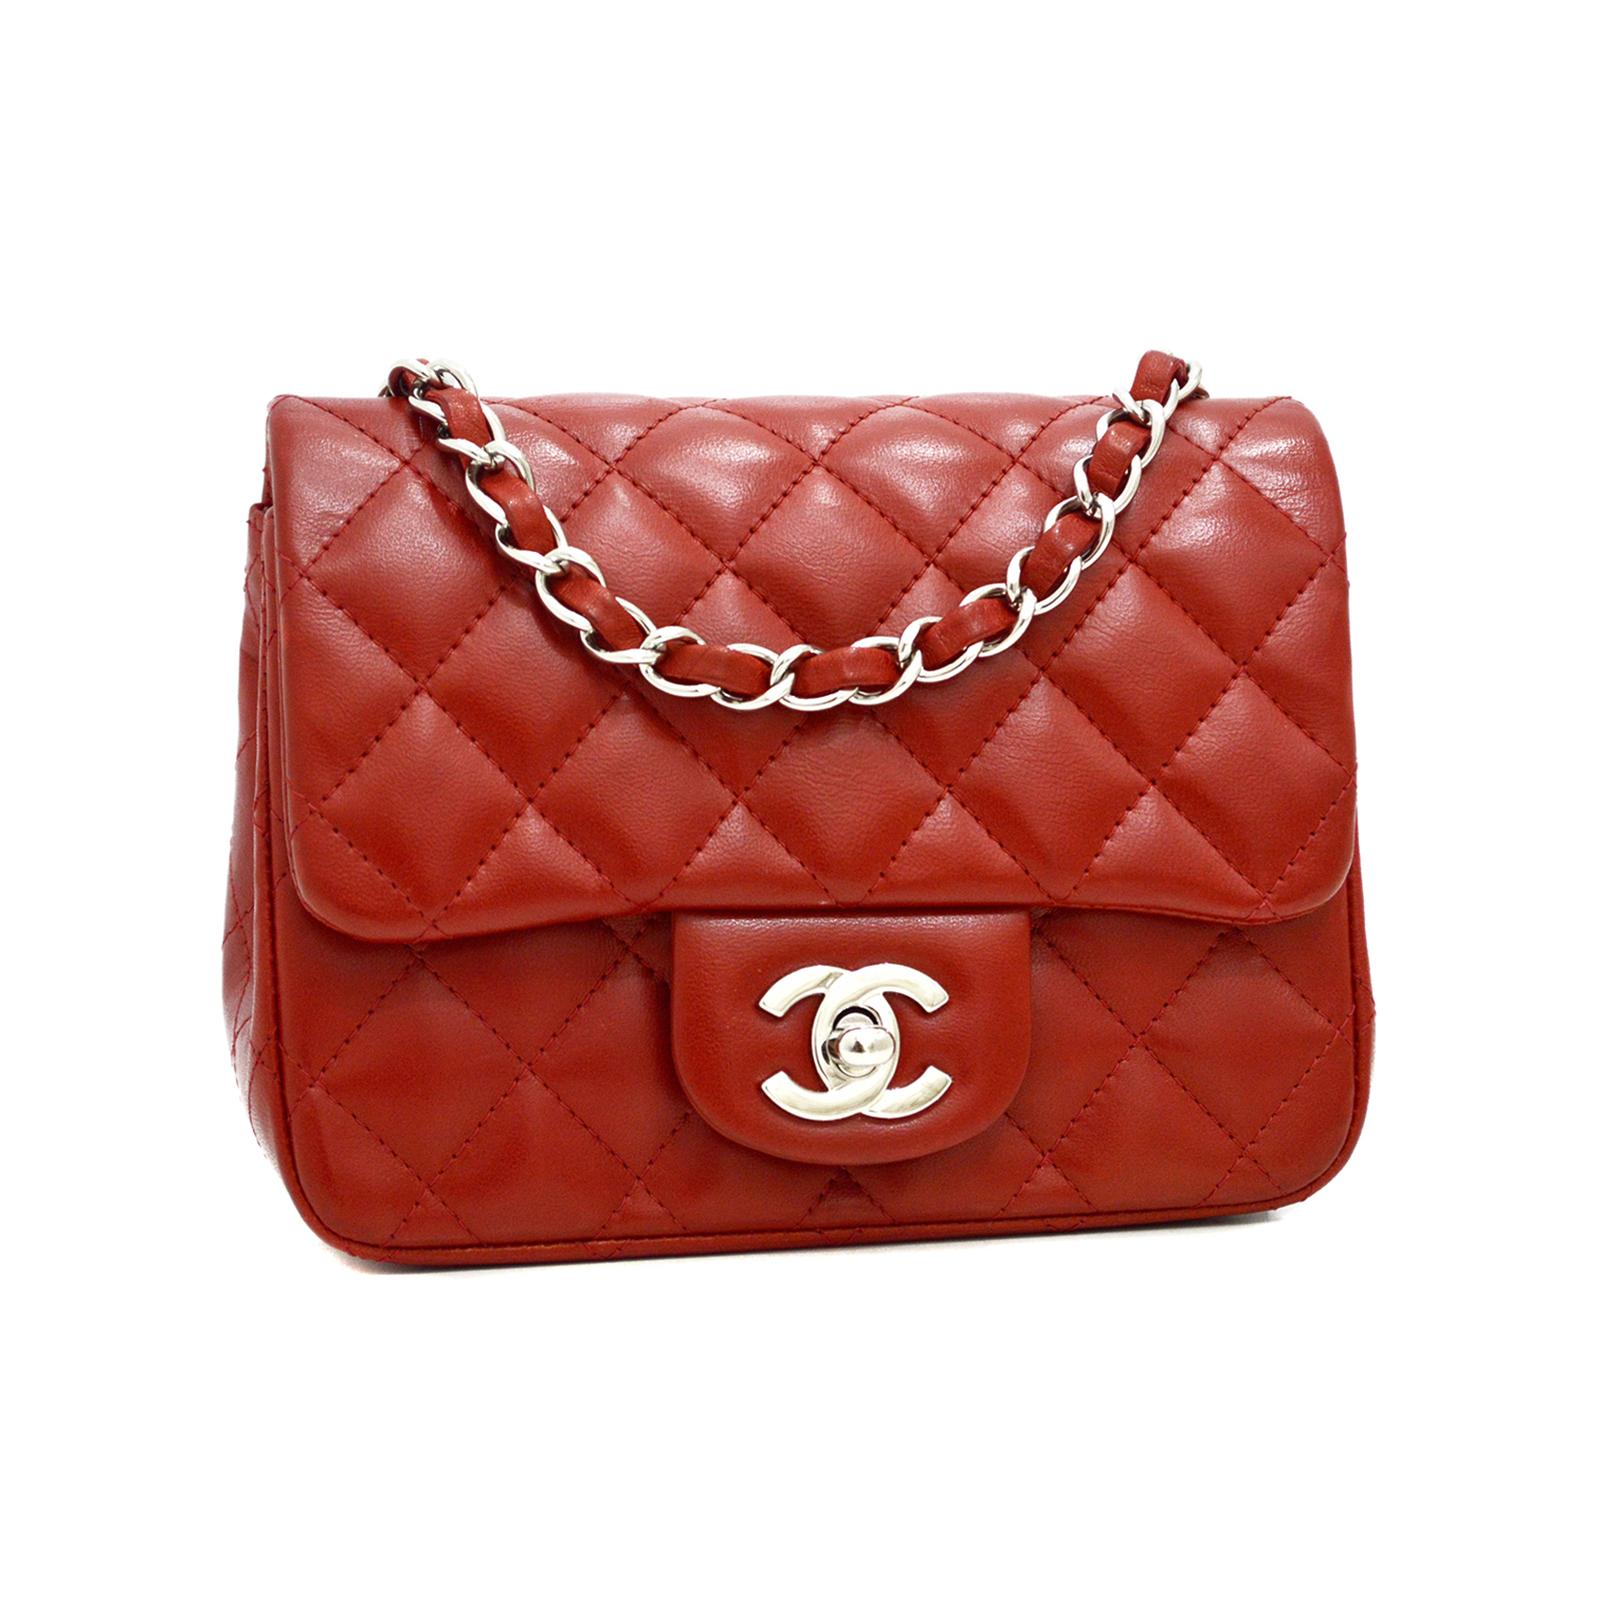 CHANEL Classic Mini Flap Bag Red